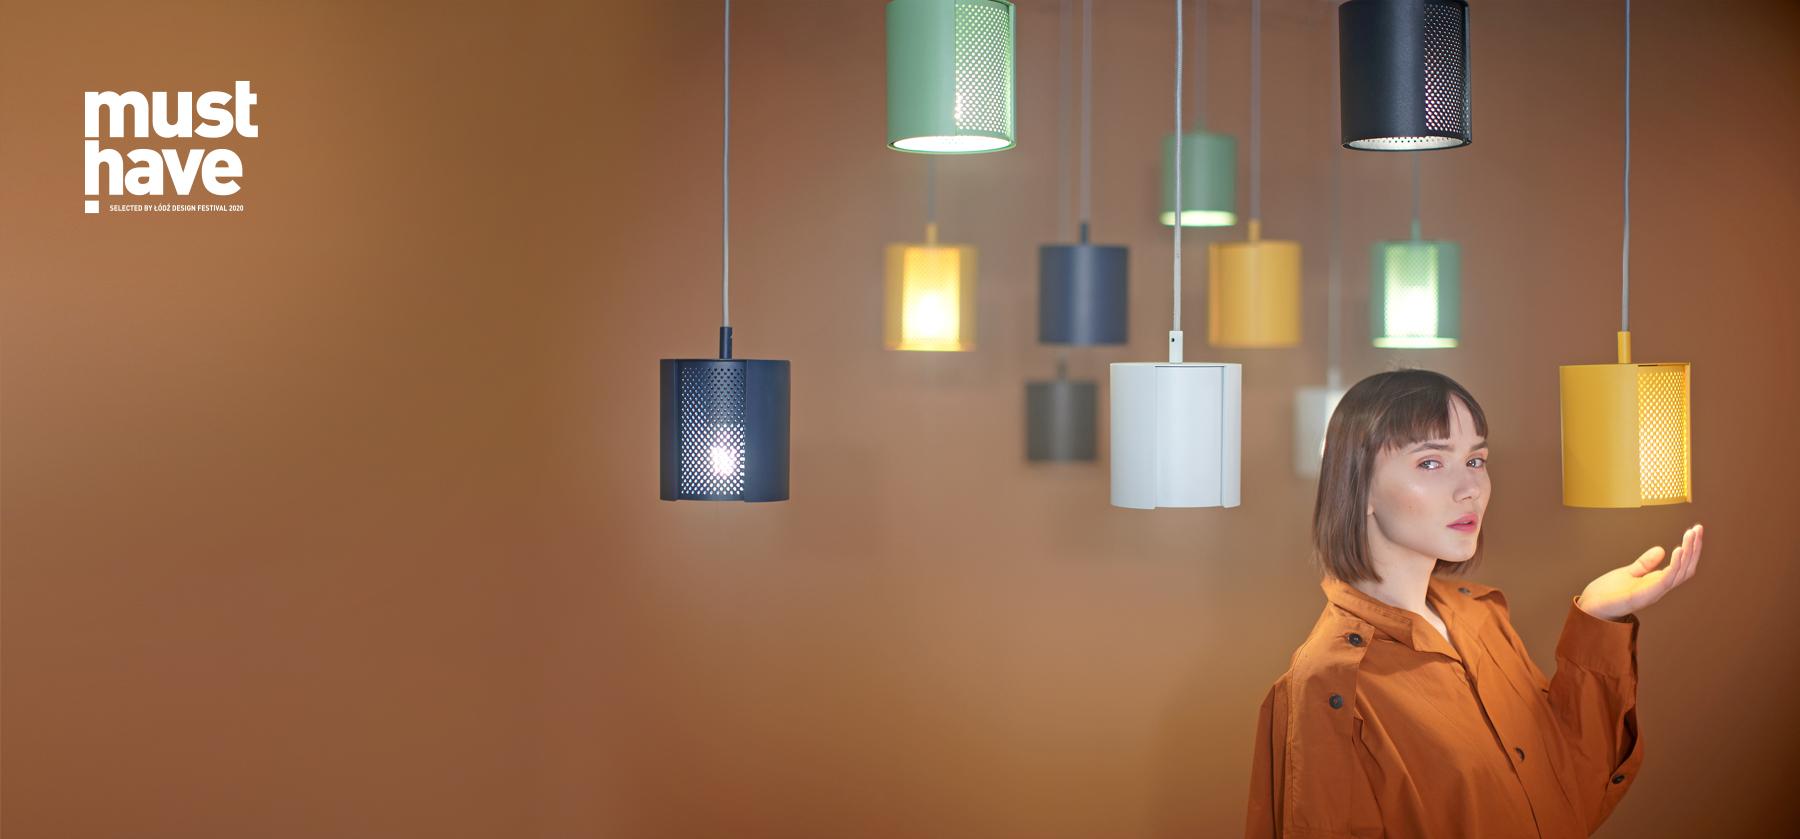 lampa wisząca ogen w różnych wariantach kolorystycznych